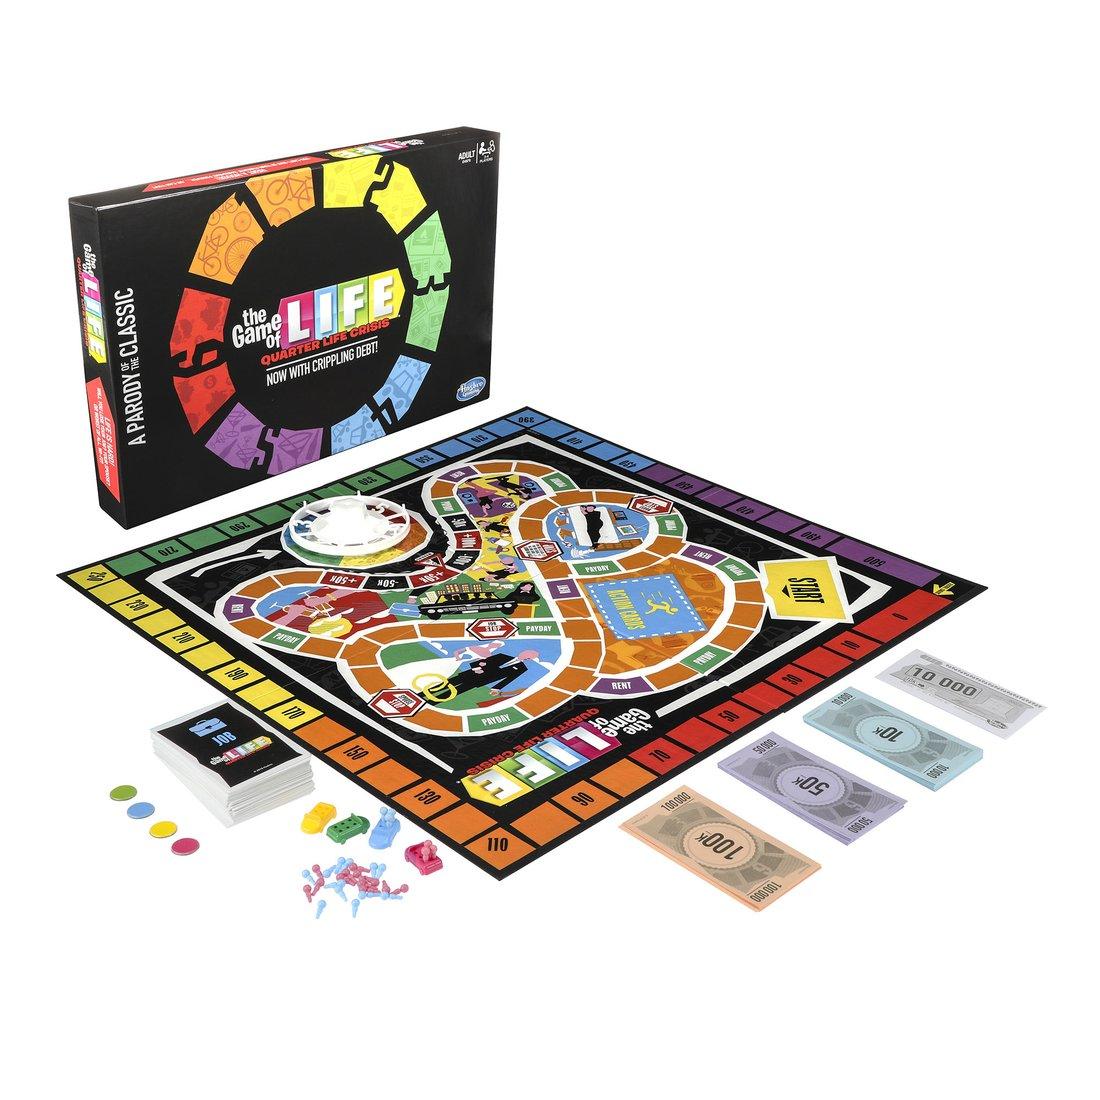 juegos-mesa-hasbro-parodia-venta